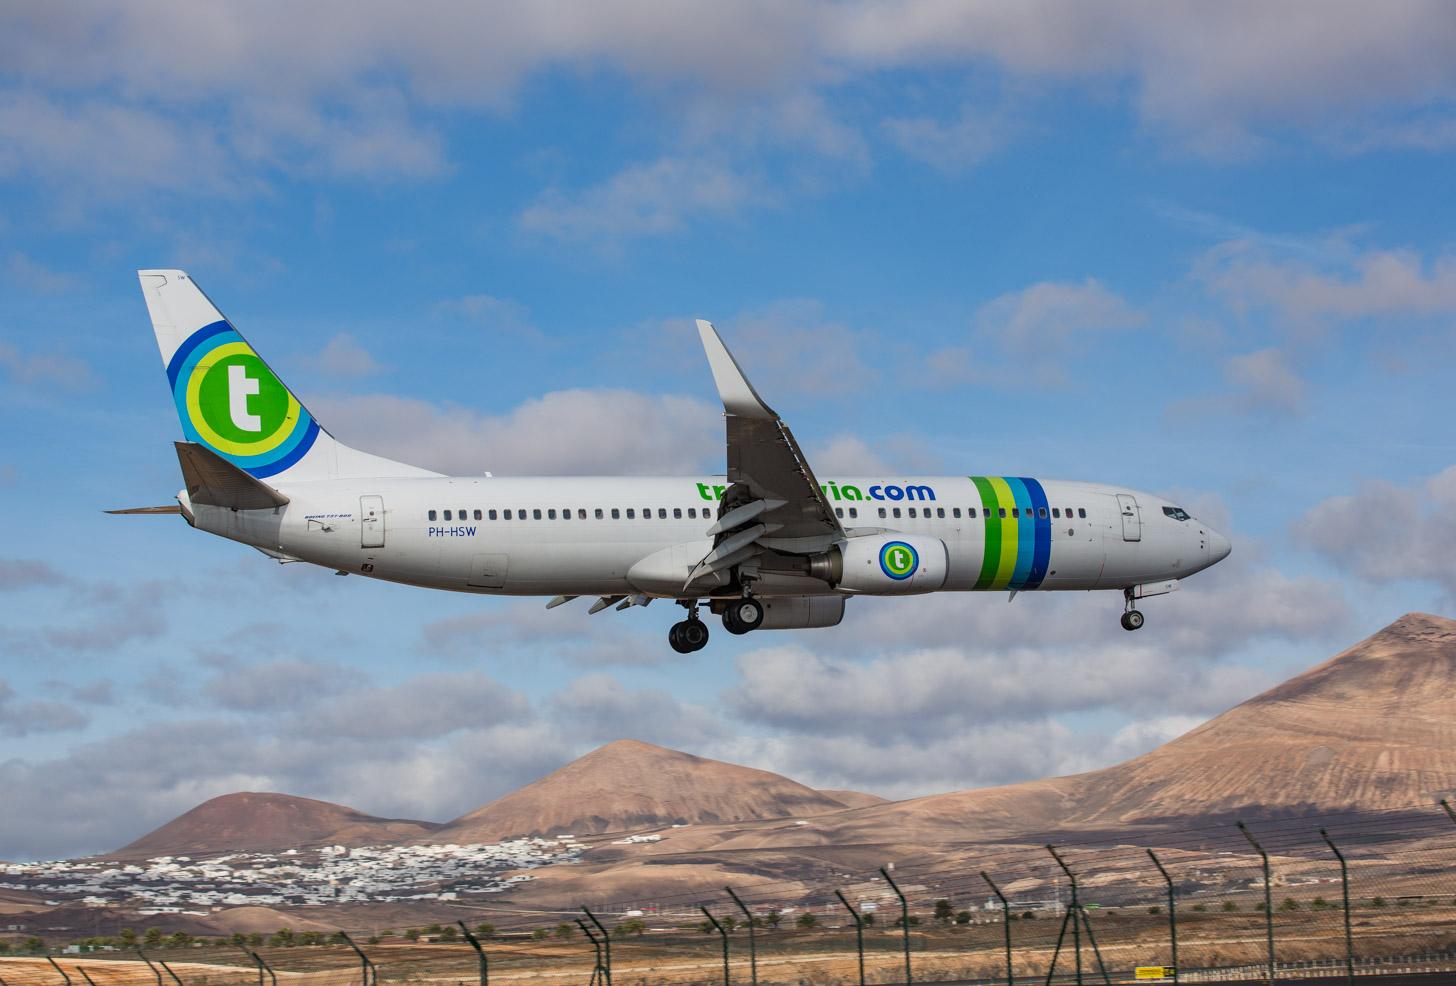 Een Transavia vliegtuig landt op Lanzarote